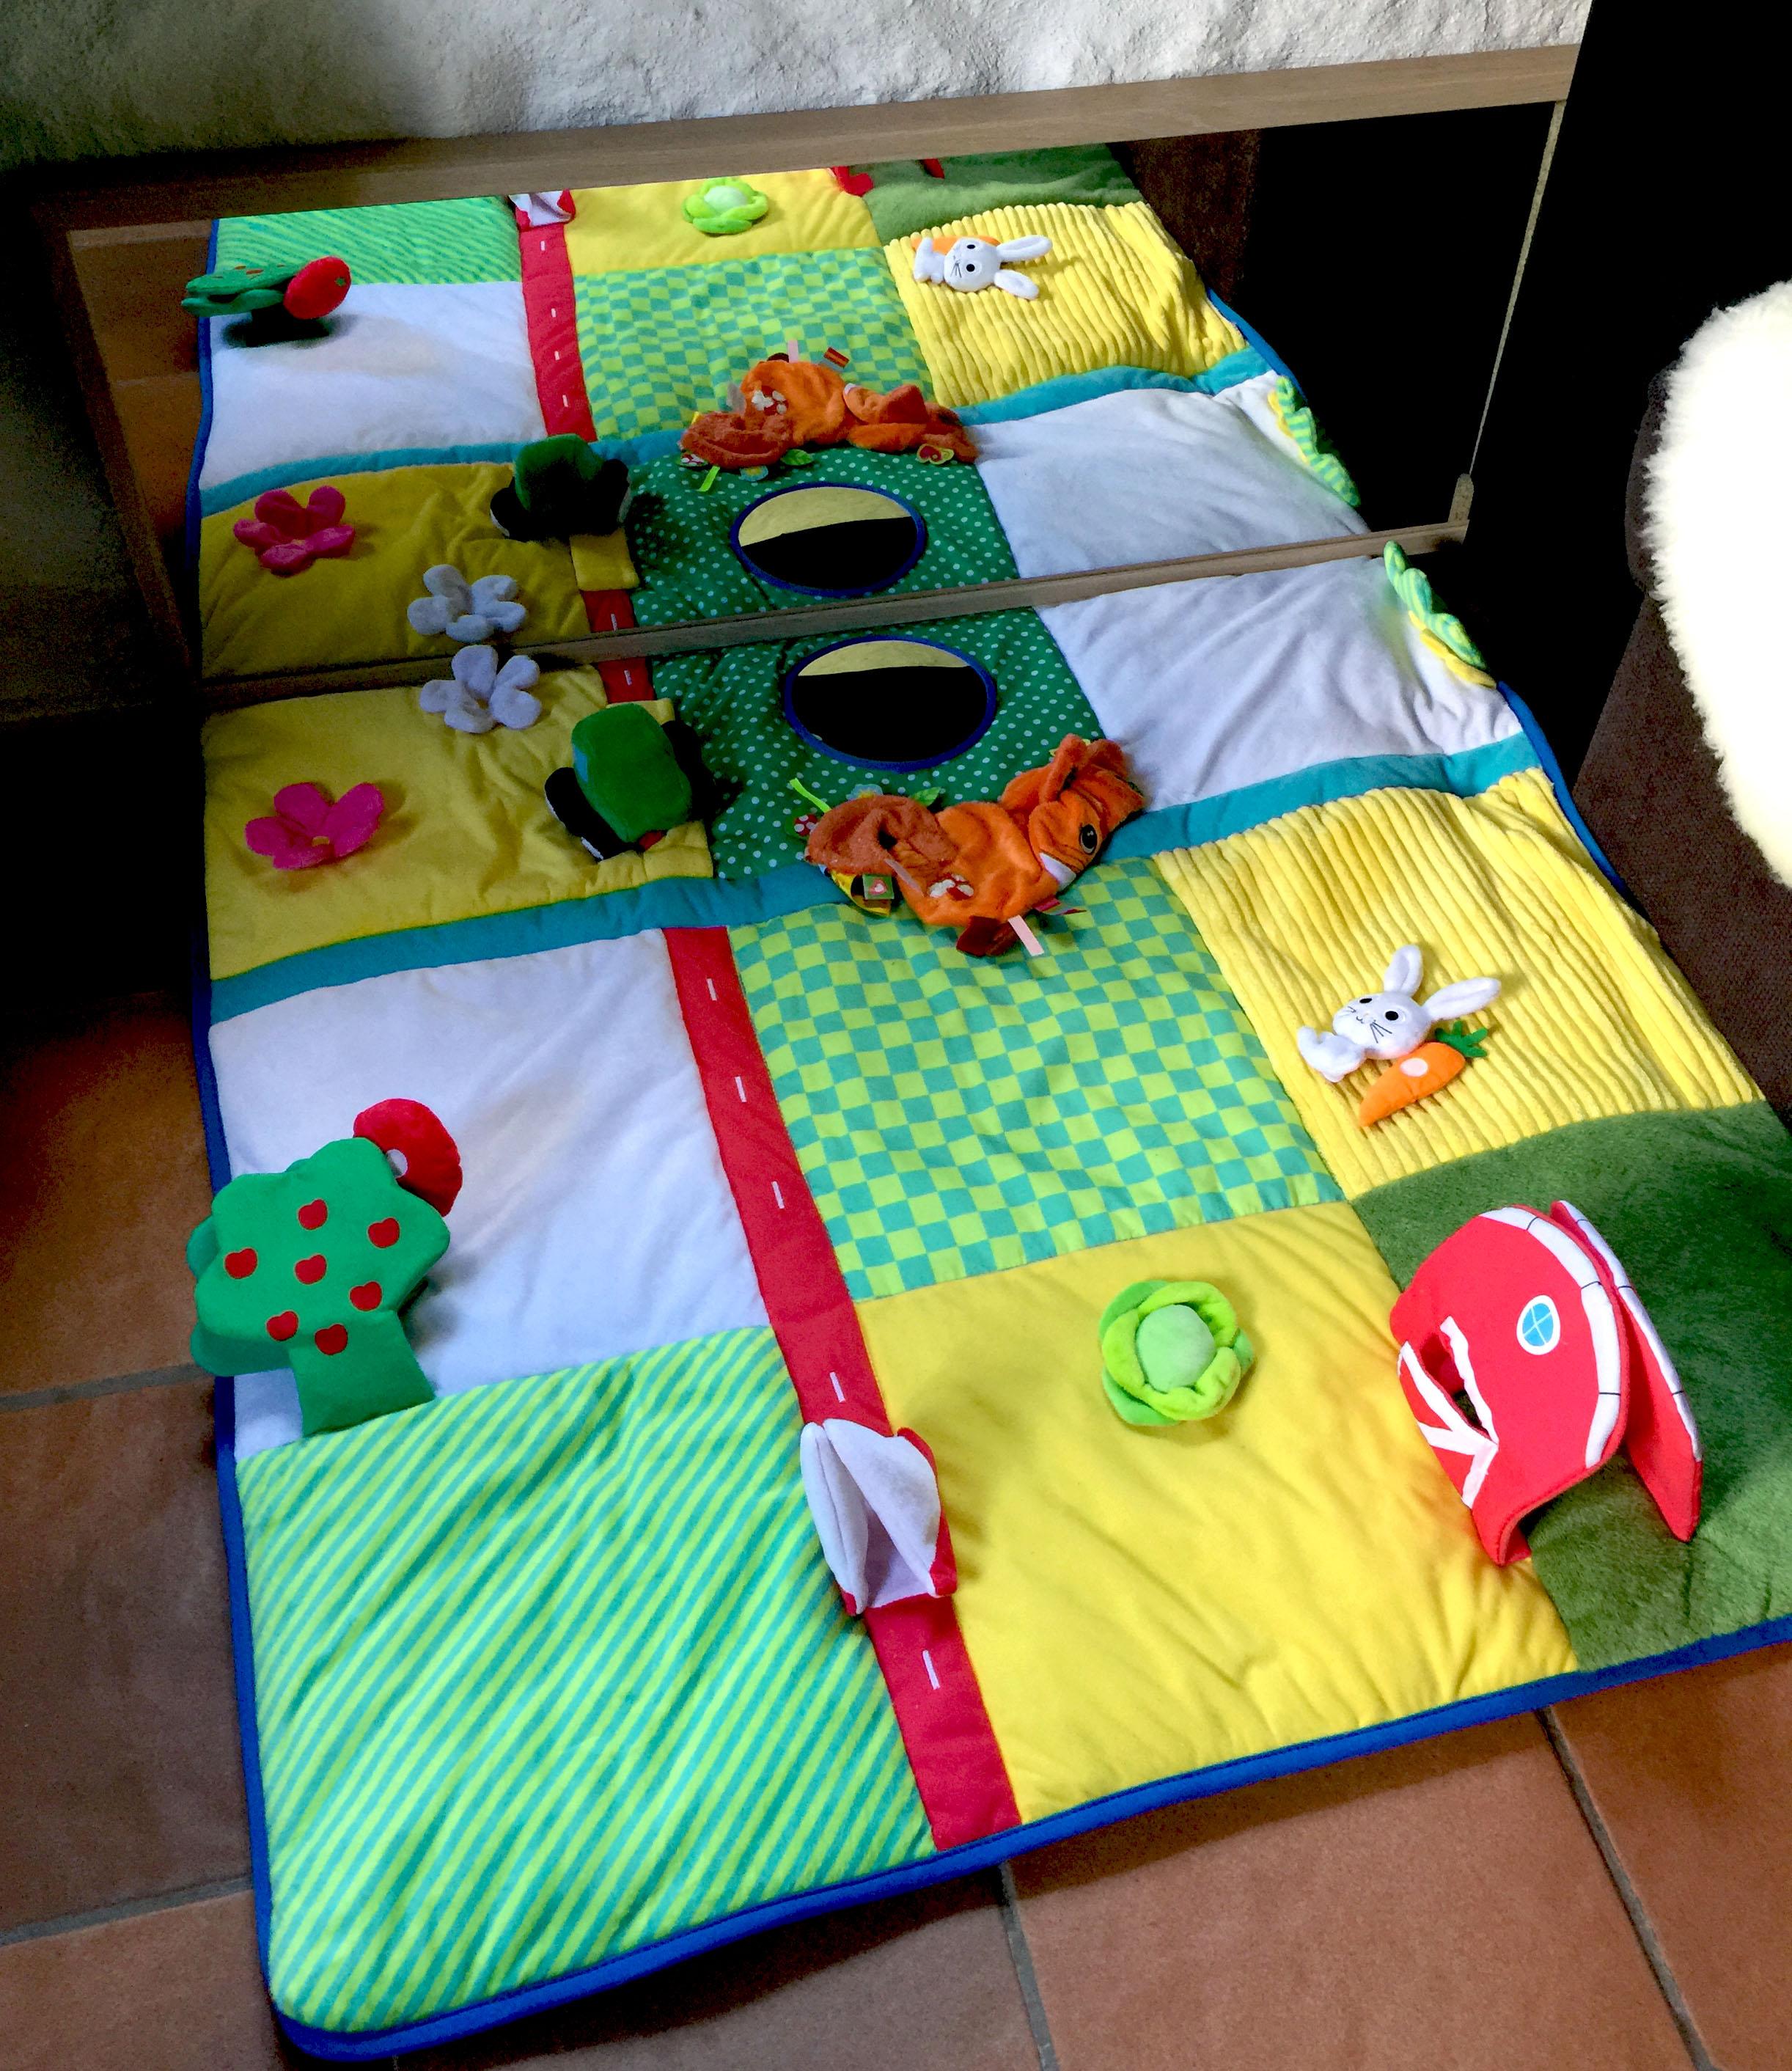 nido-bébé-montesori